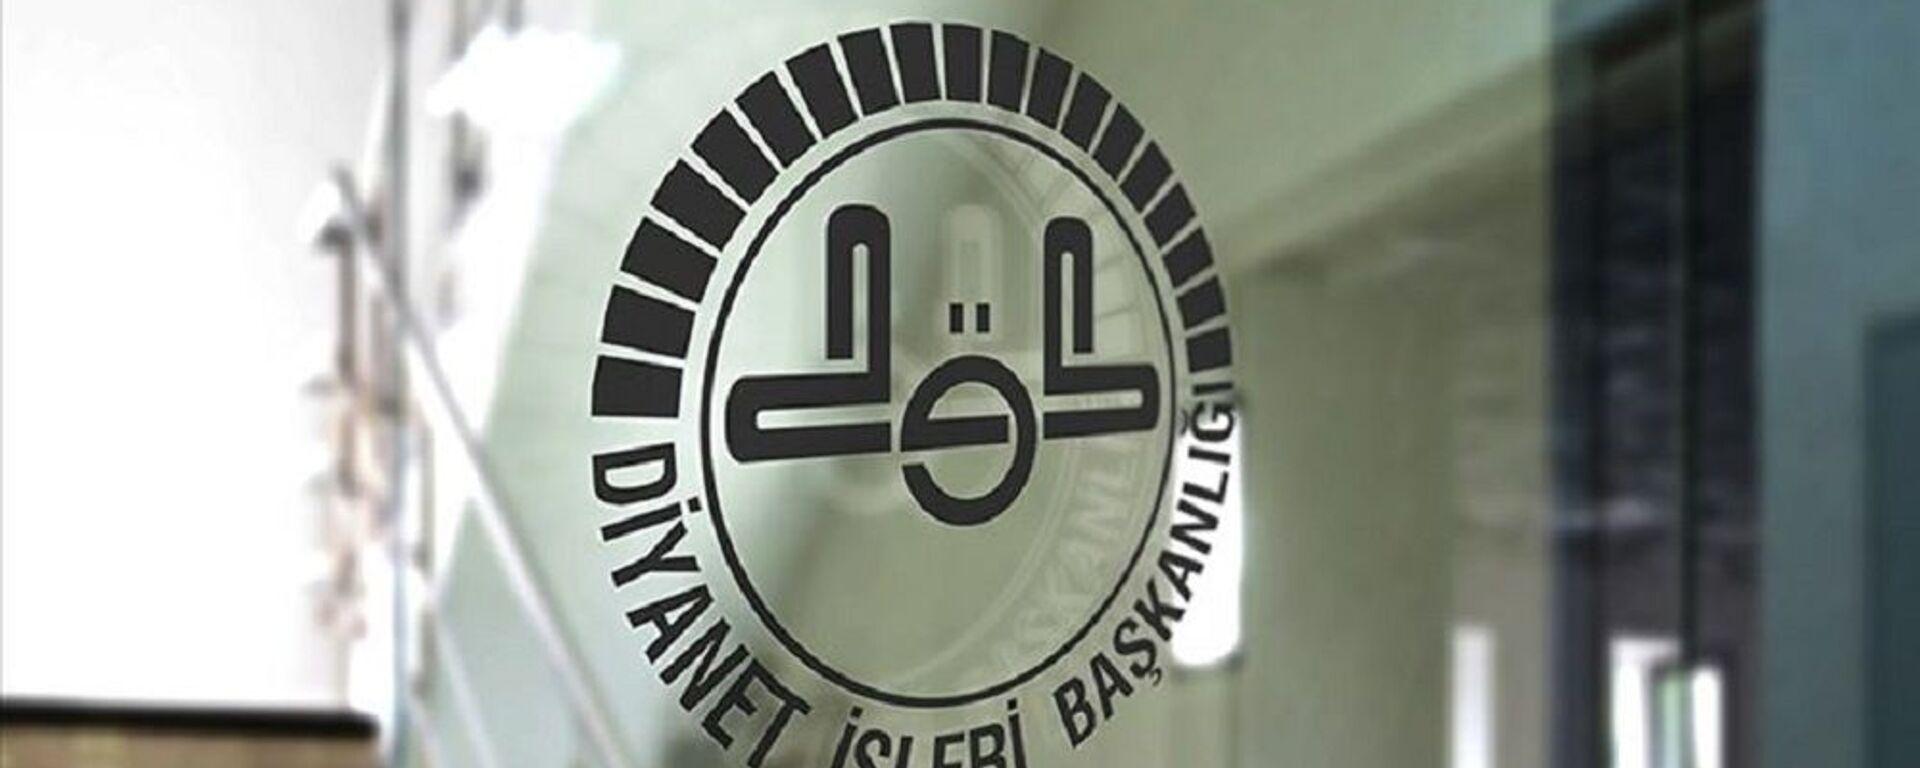 Diyanet İşleri Başkanlığı - Sputnik Türkiye, 1920, 22.07.2021